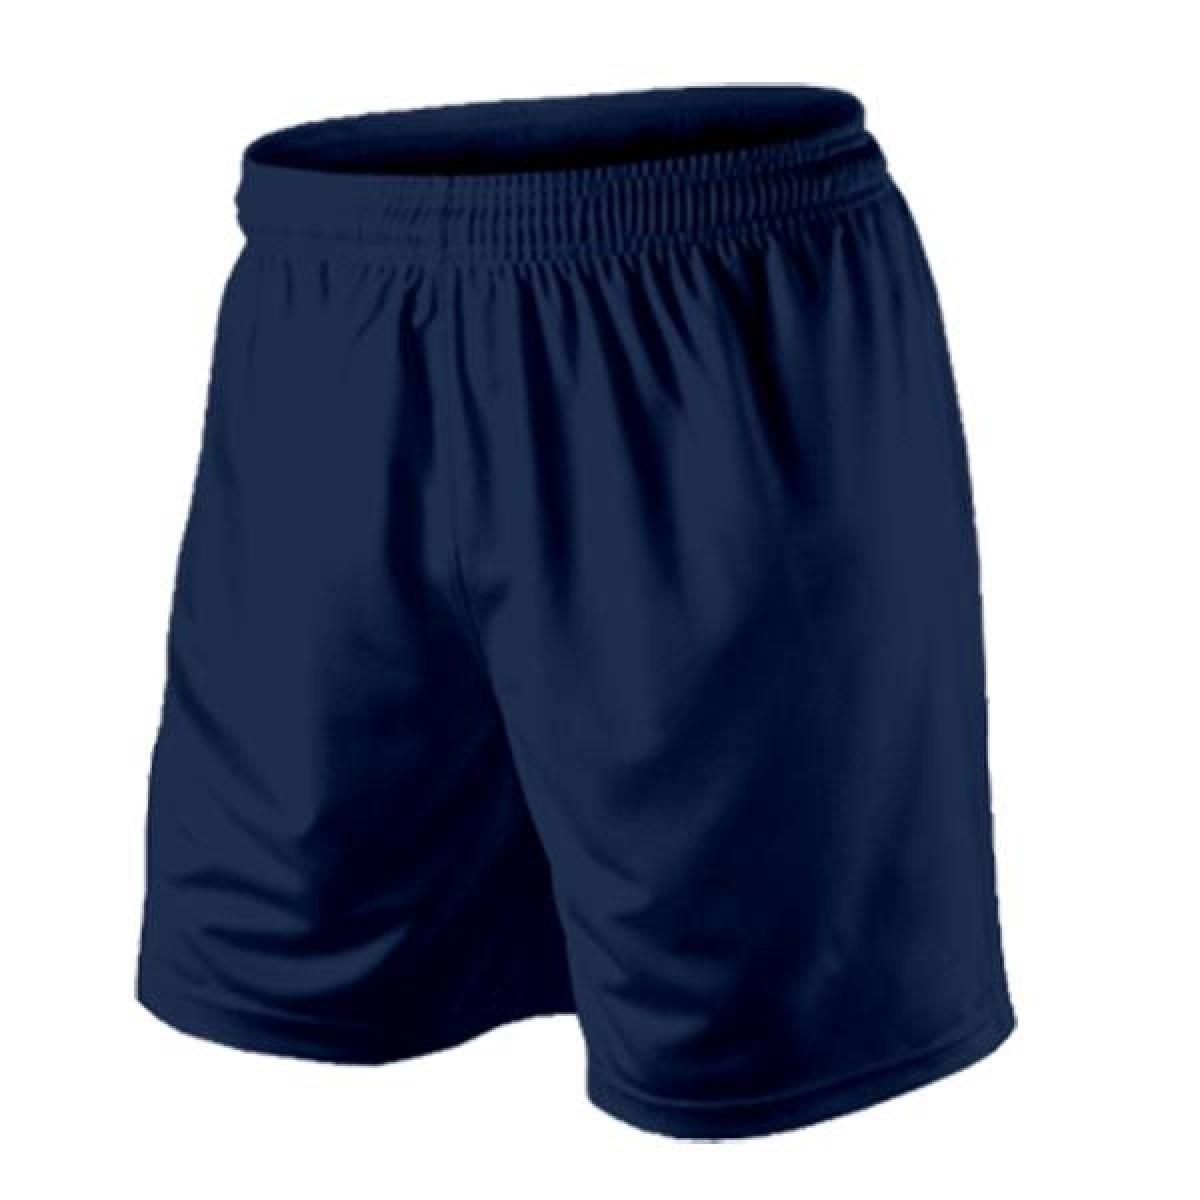 Royal Avia shorts blaa